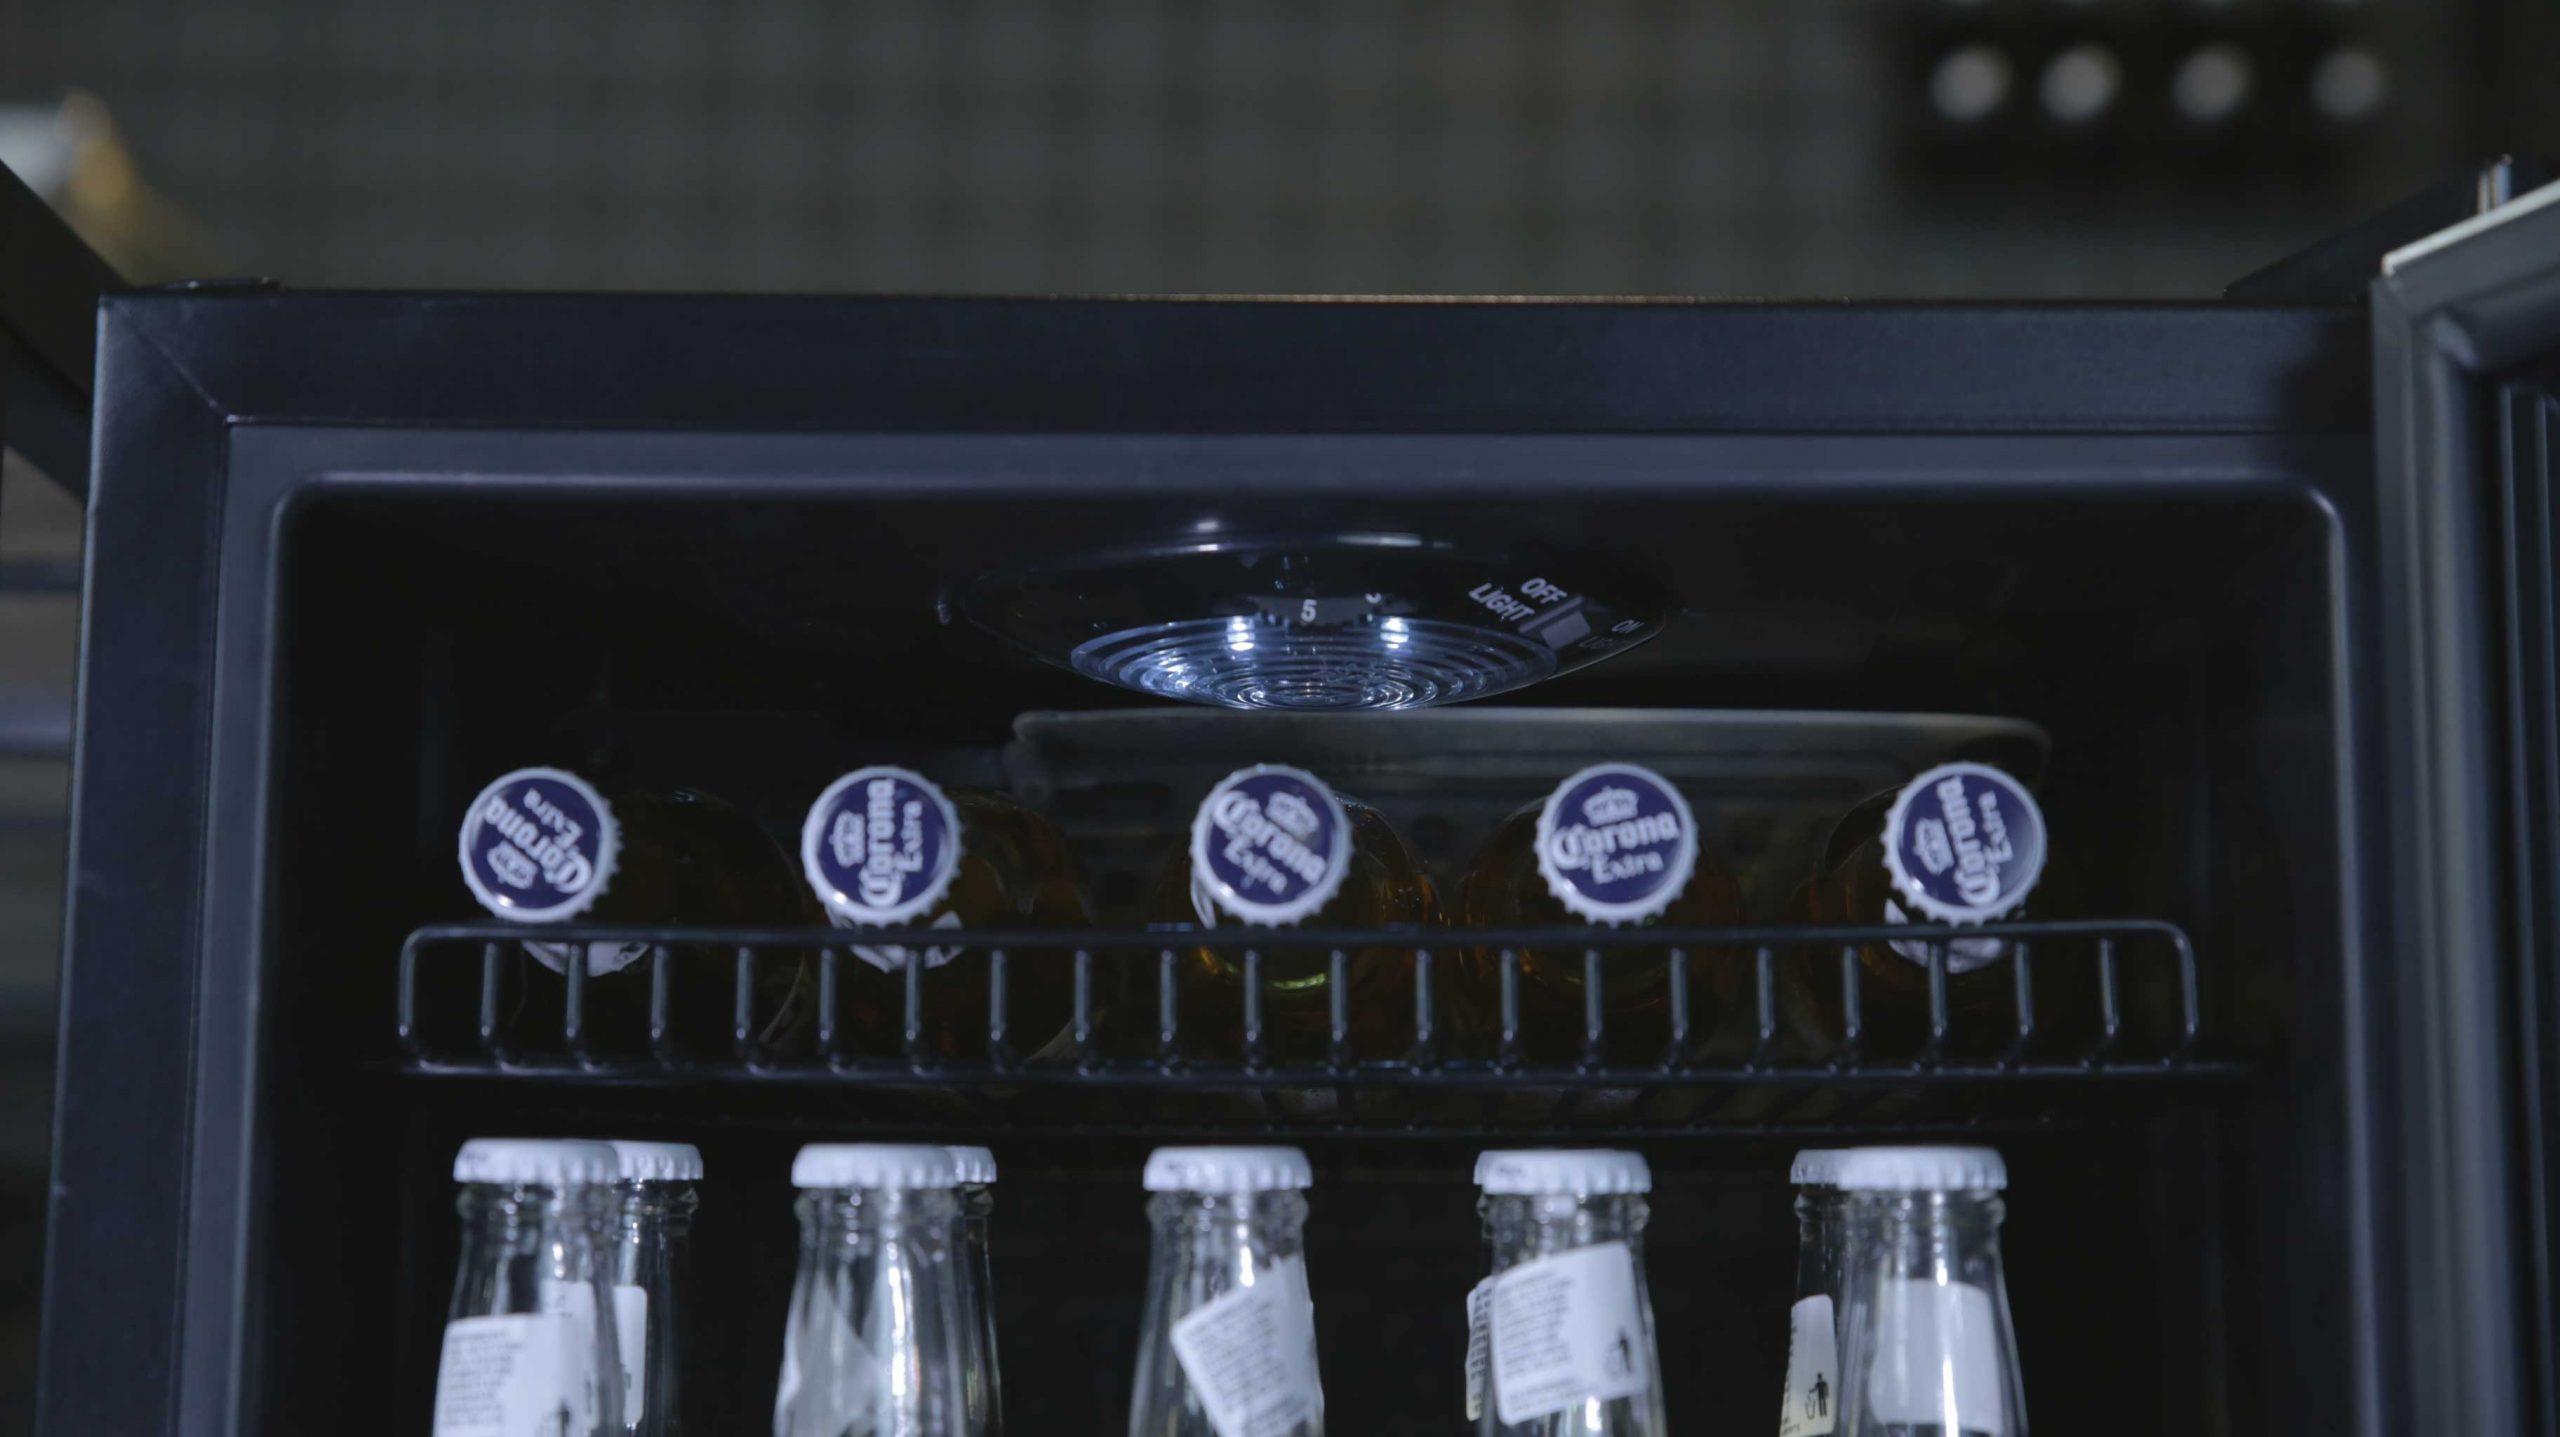 Cantinetta drink 60 lattine (mis. 825x430x480 kg.28)